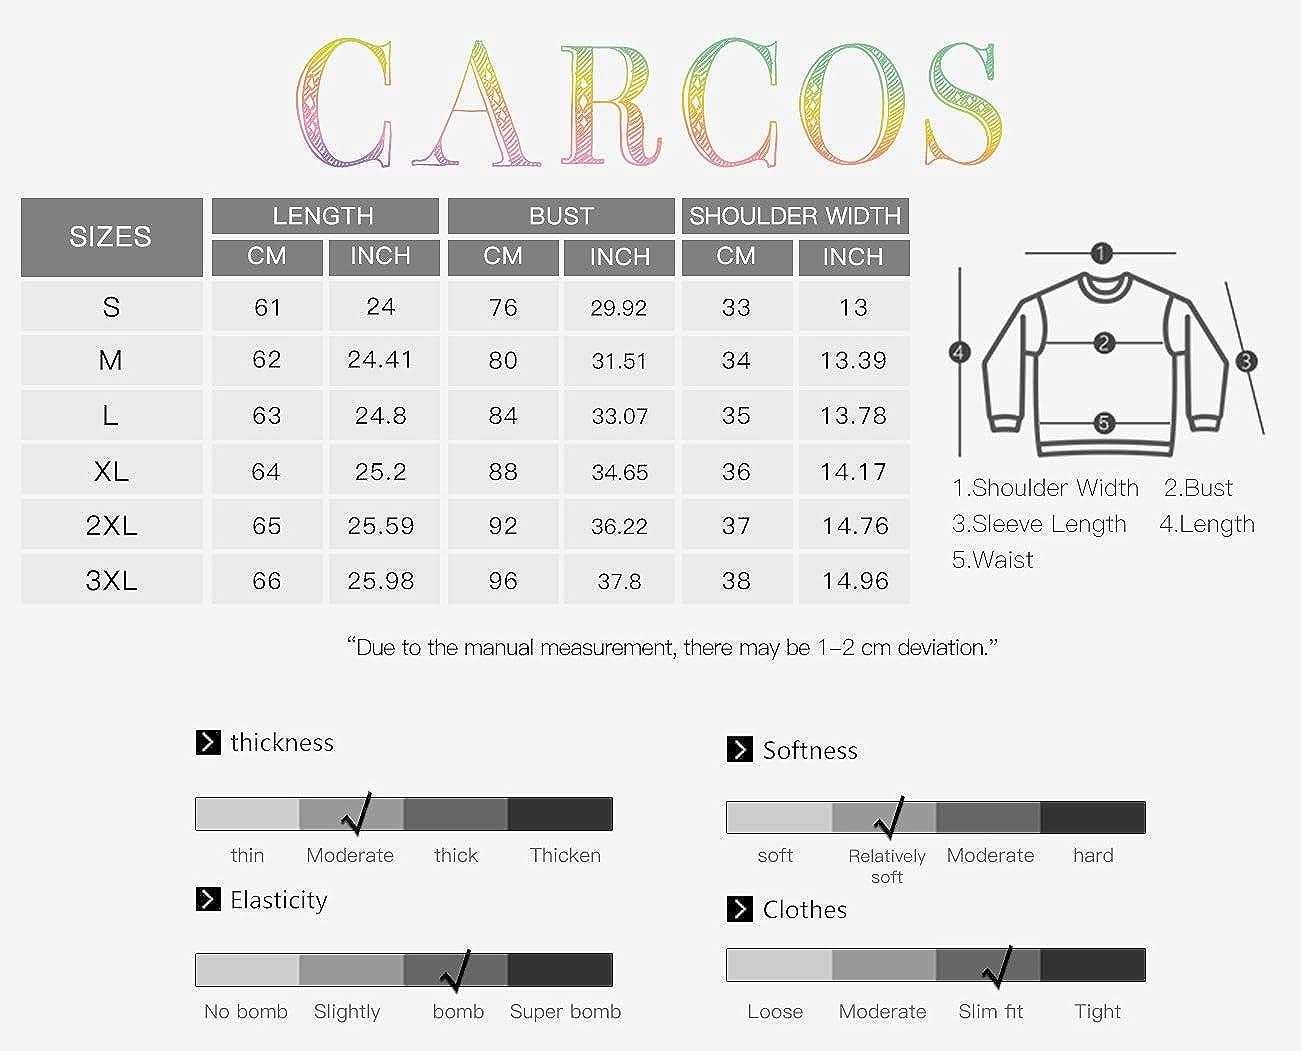 Carcos 1//2-Pack Camisa de Cuello Alto para Mujer Camiseta de Manga Larga con Cuello Alto y Cuello Ajustado para Oto/ño Invierno